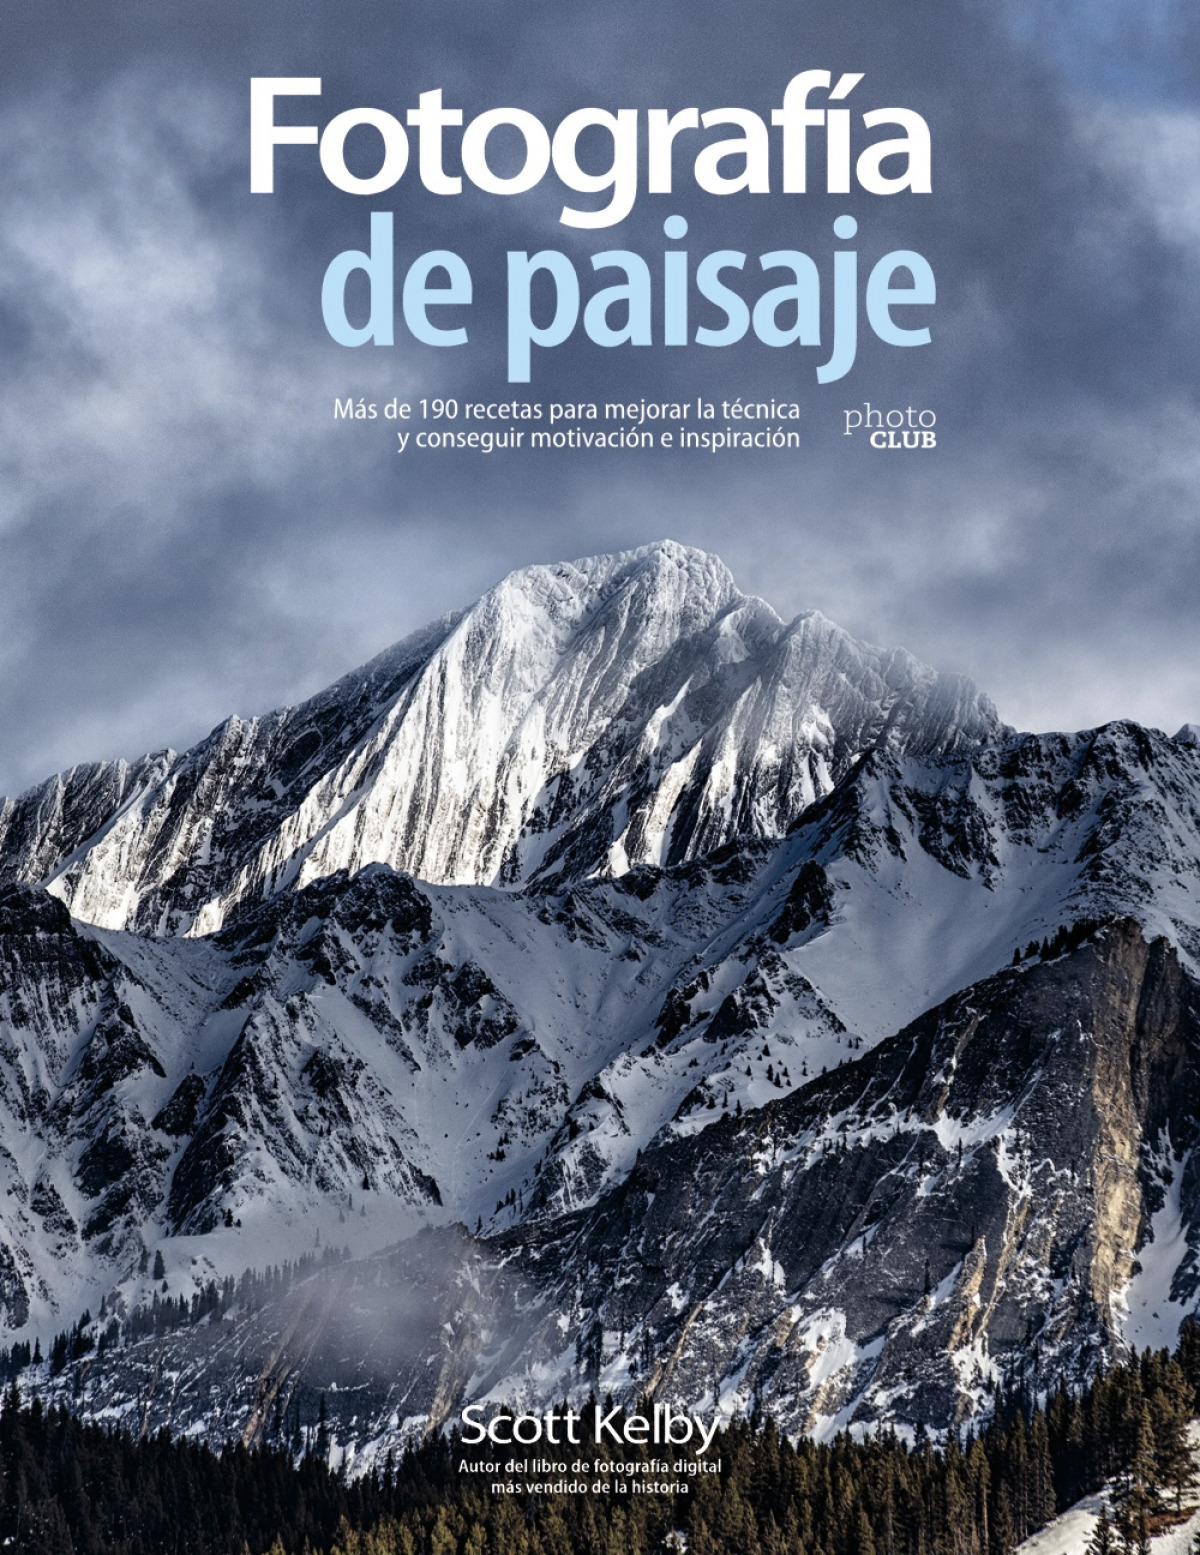 Fotografía de paisaje. Más de 190 recetas para mejorar la técnica y conseguir motivación e inspiración